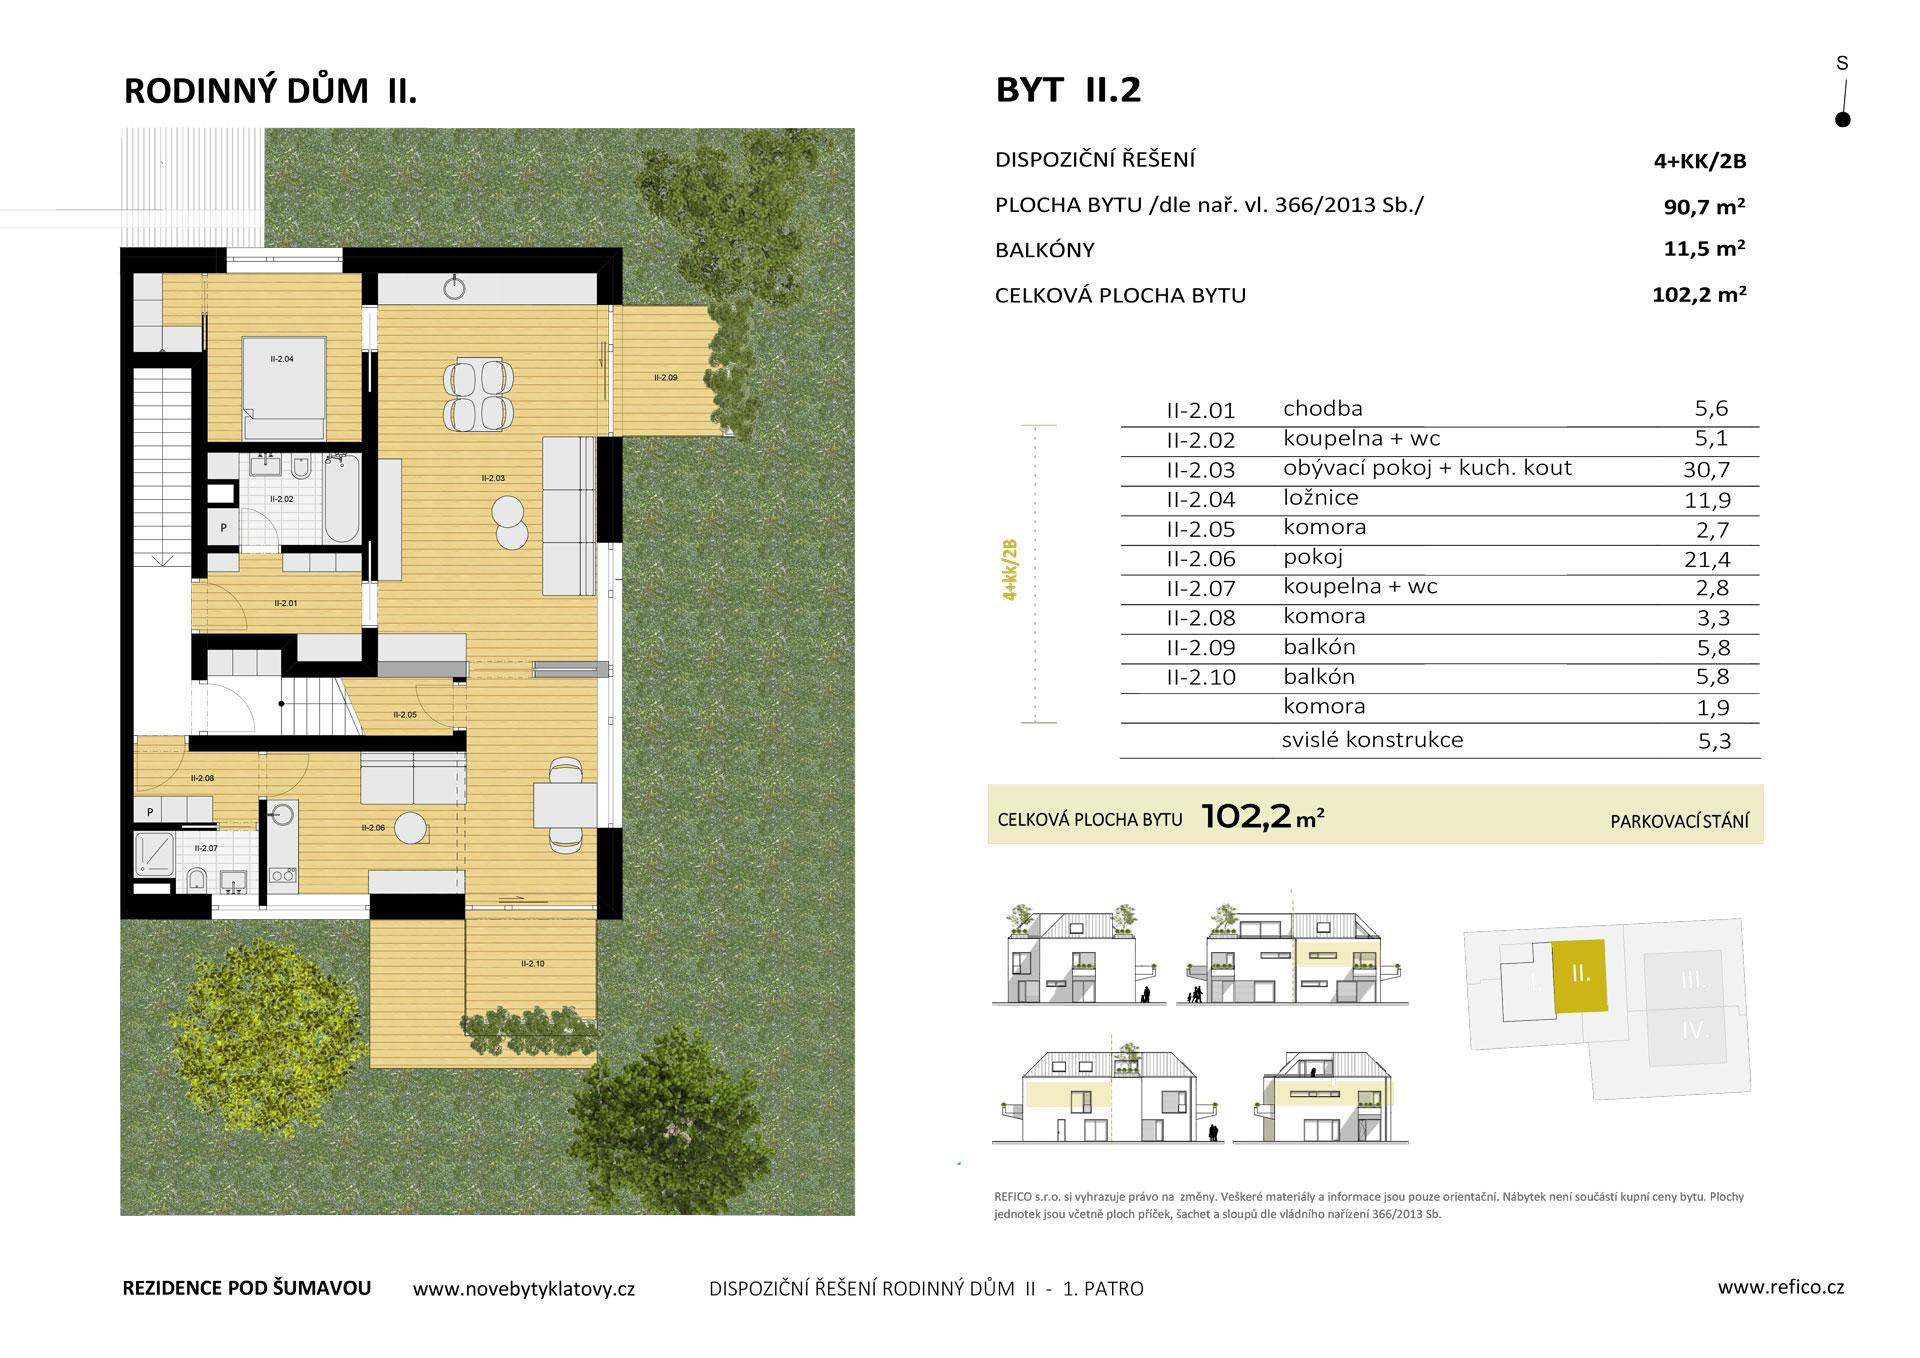 Dům II., byt 2, 1. patro, dvougenerační byt 4+KK/2B, alt. 2+KK/B + garsoniéra/B